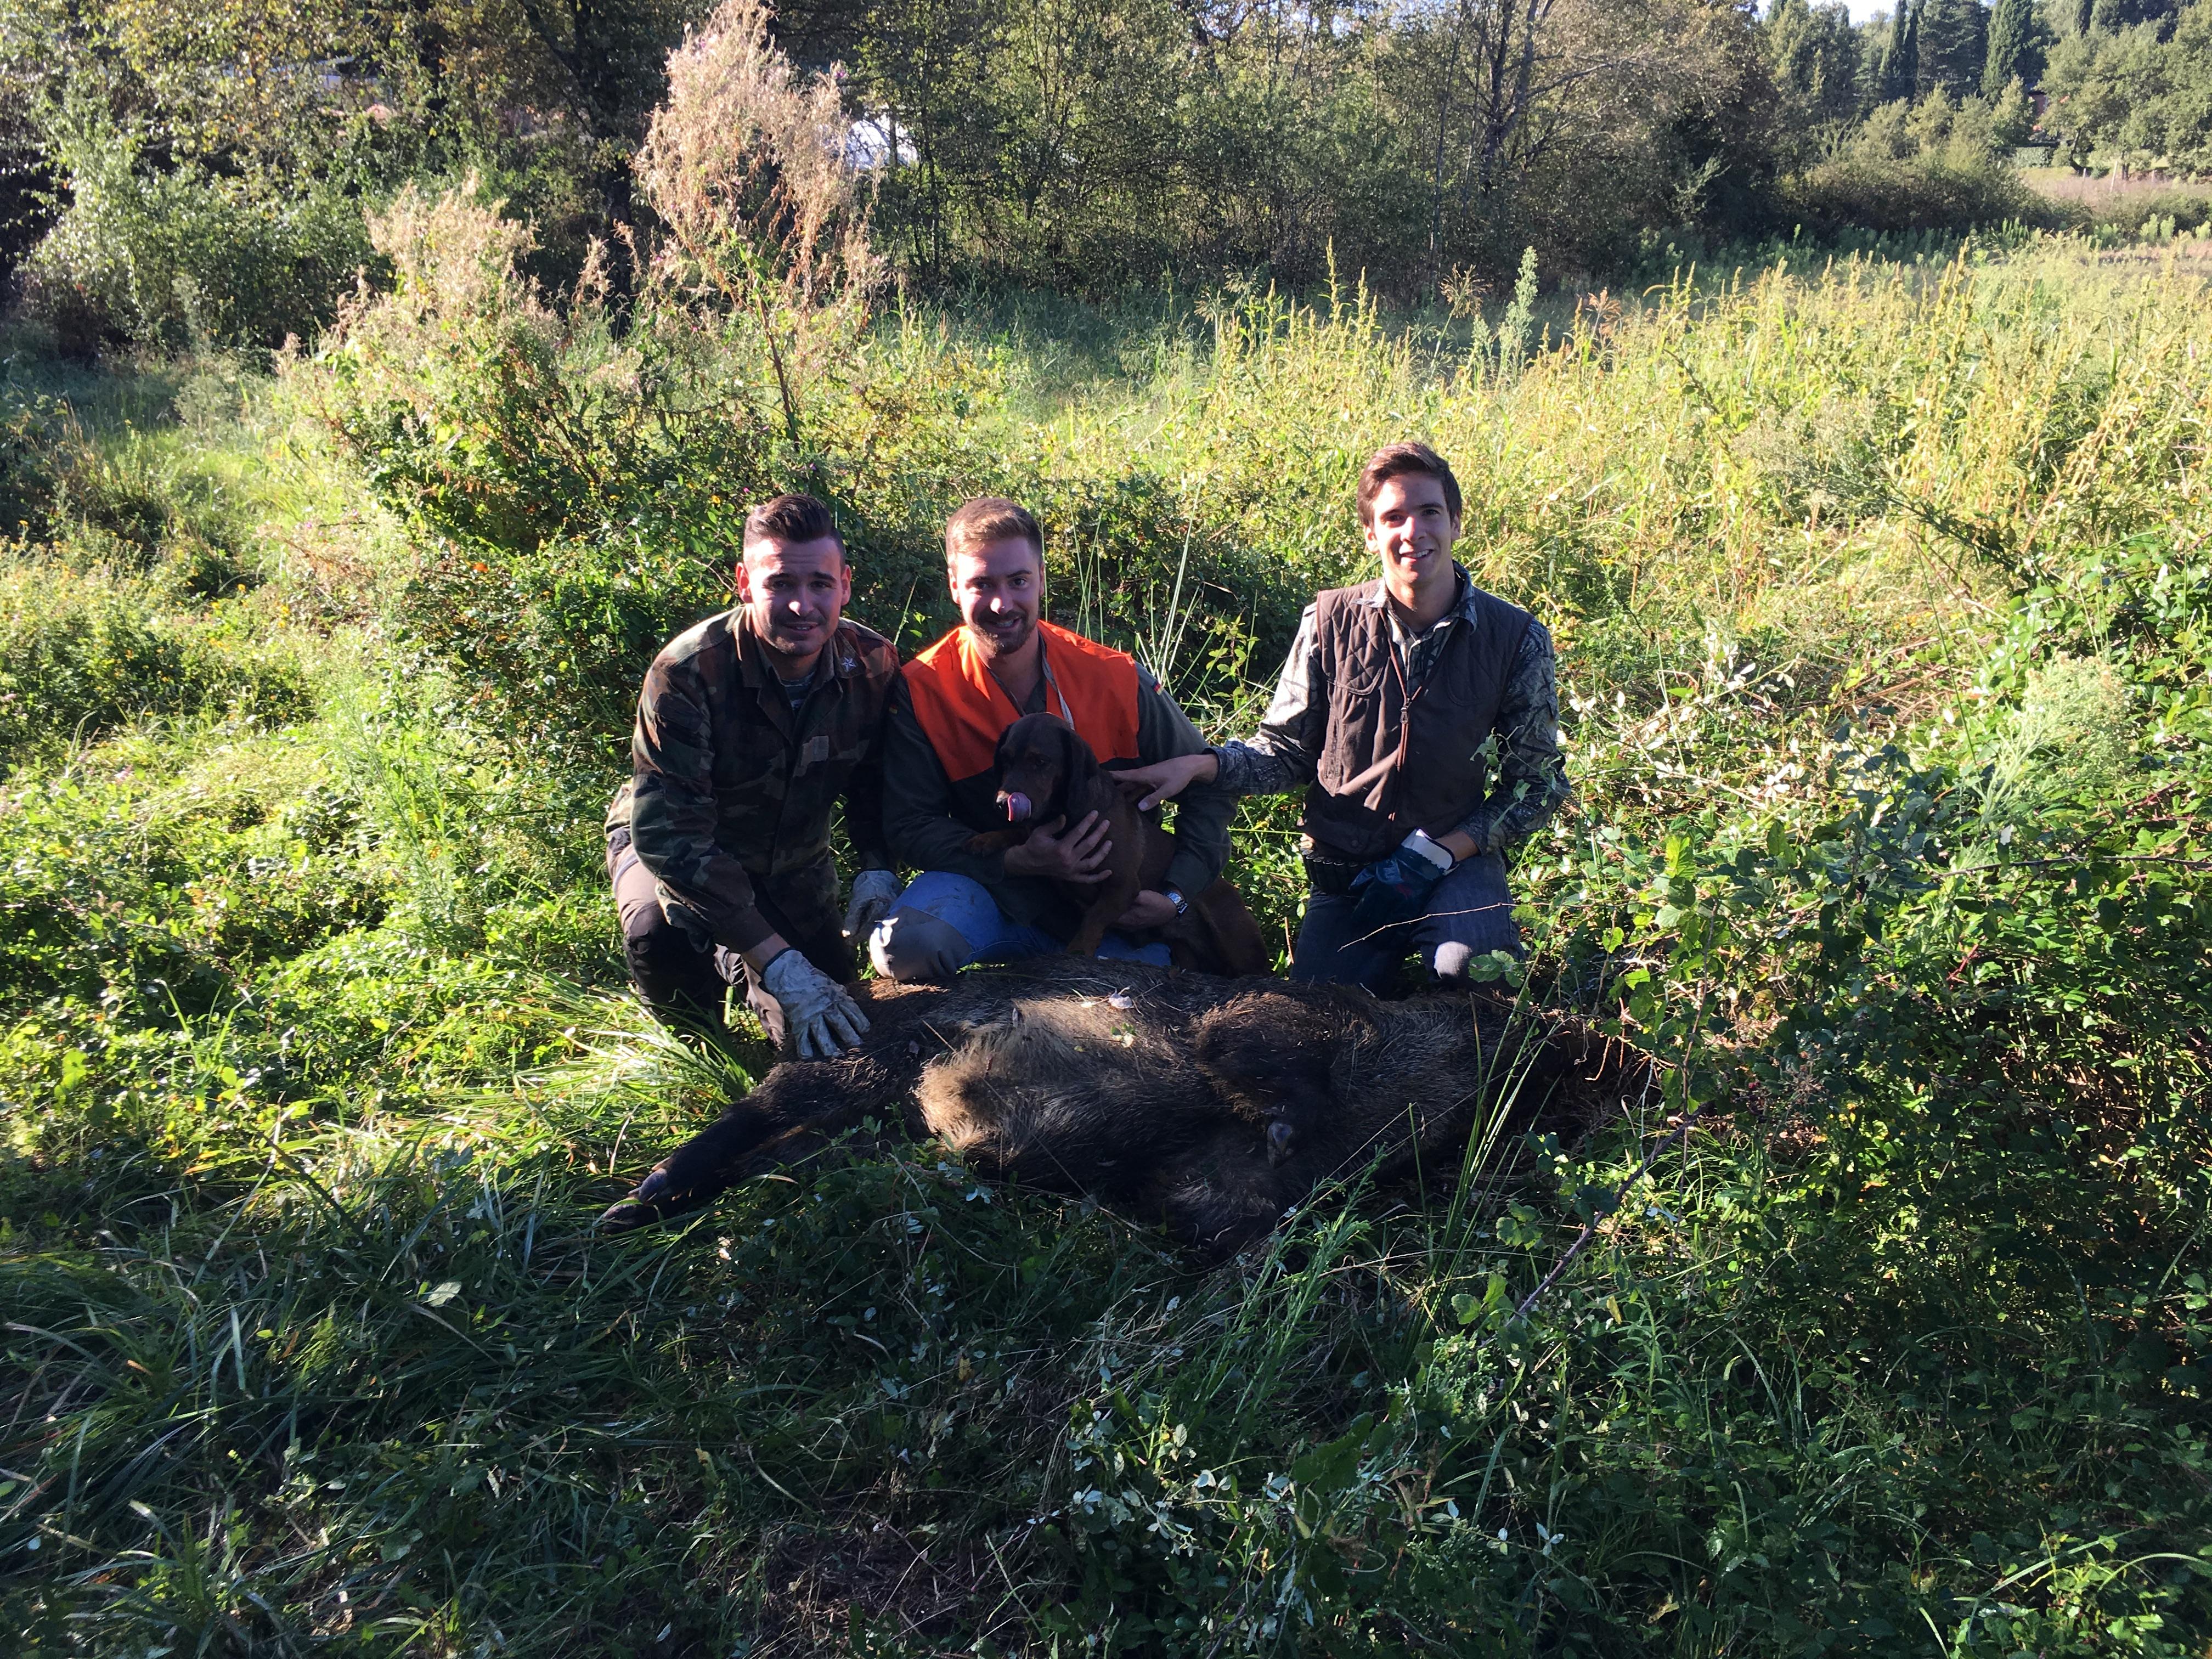 wild boar hunting in italy